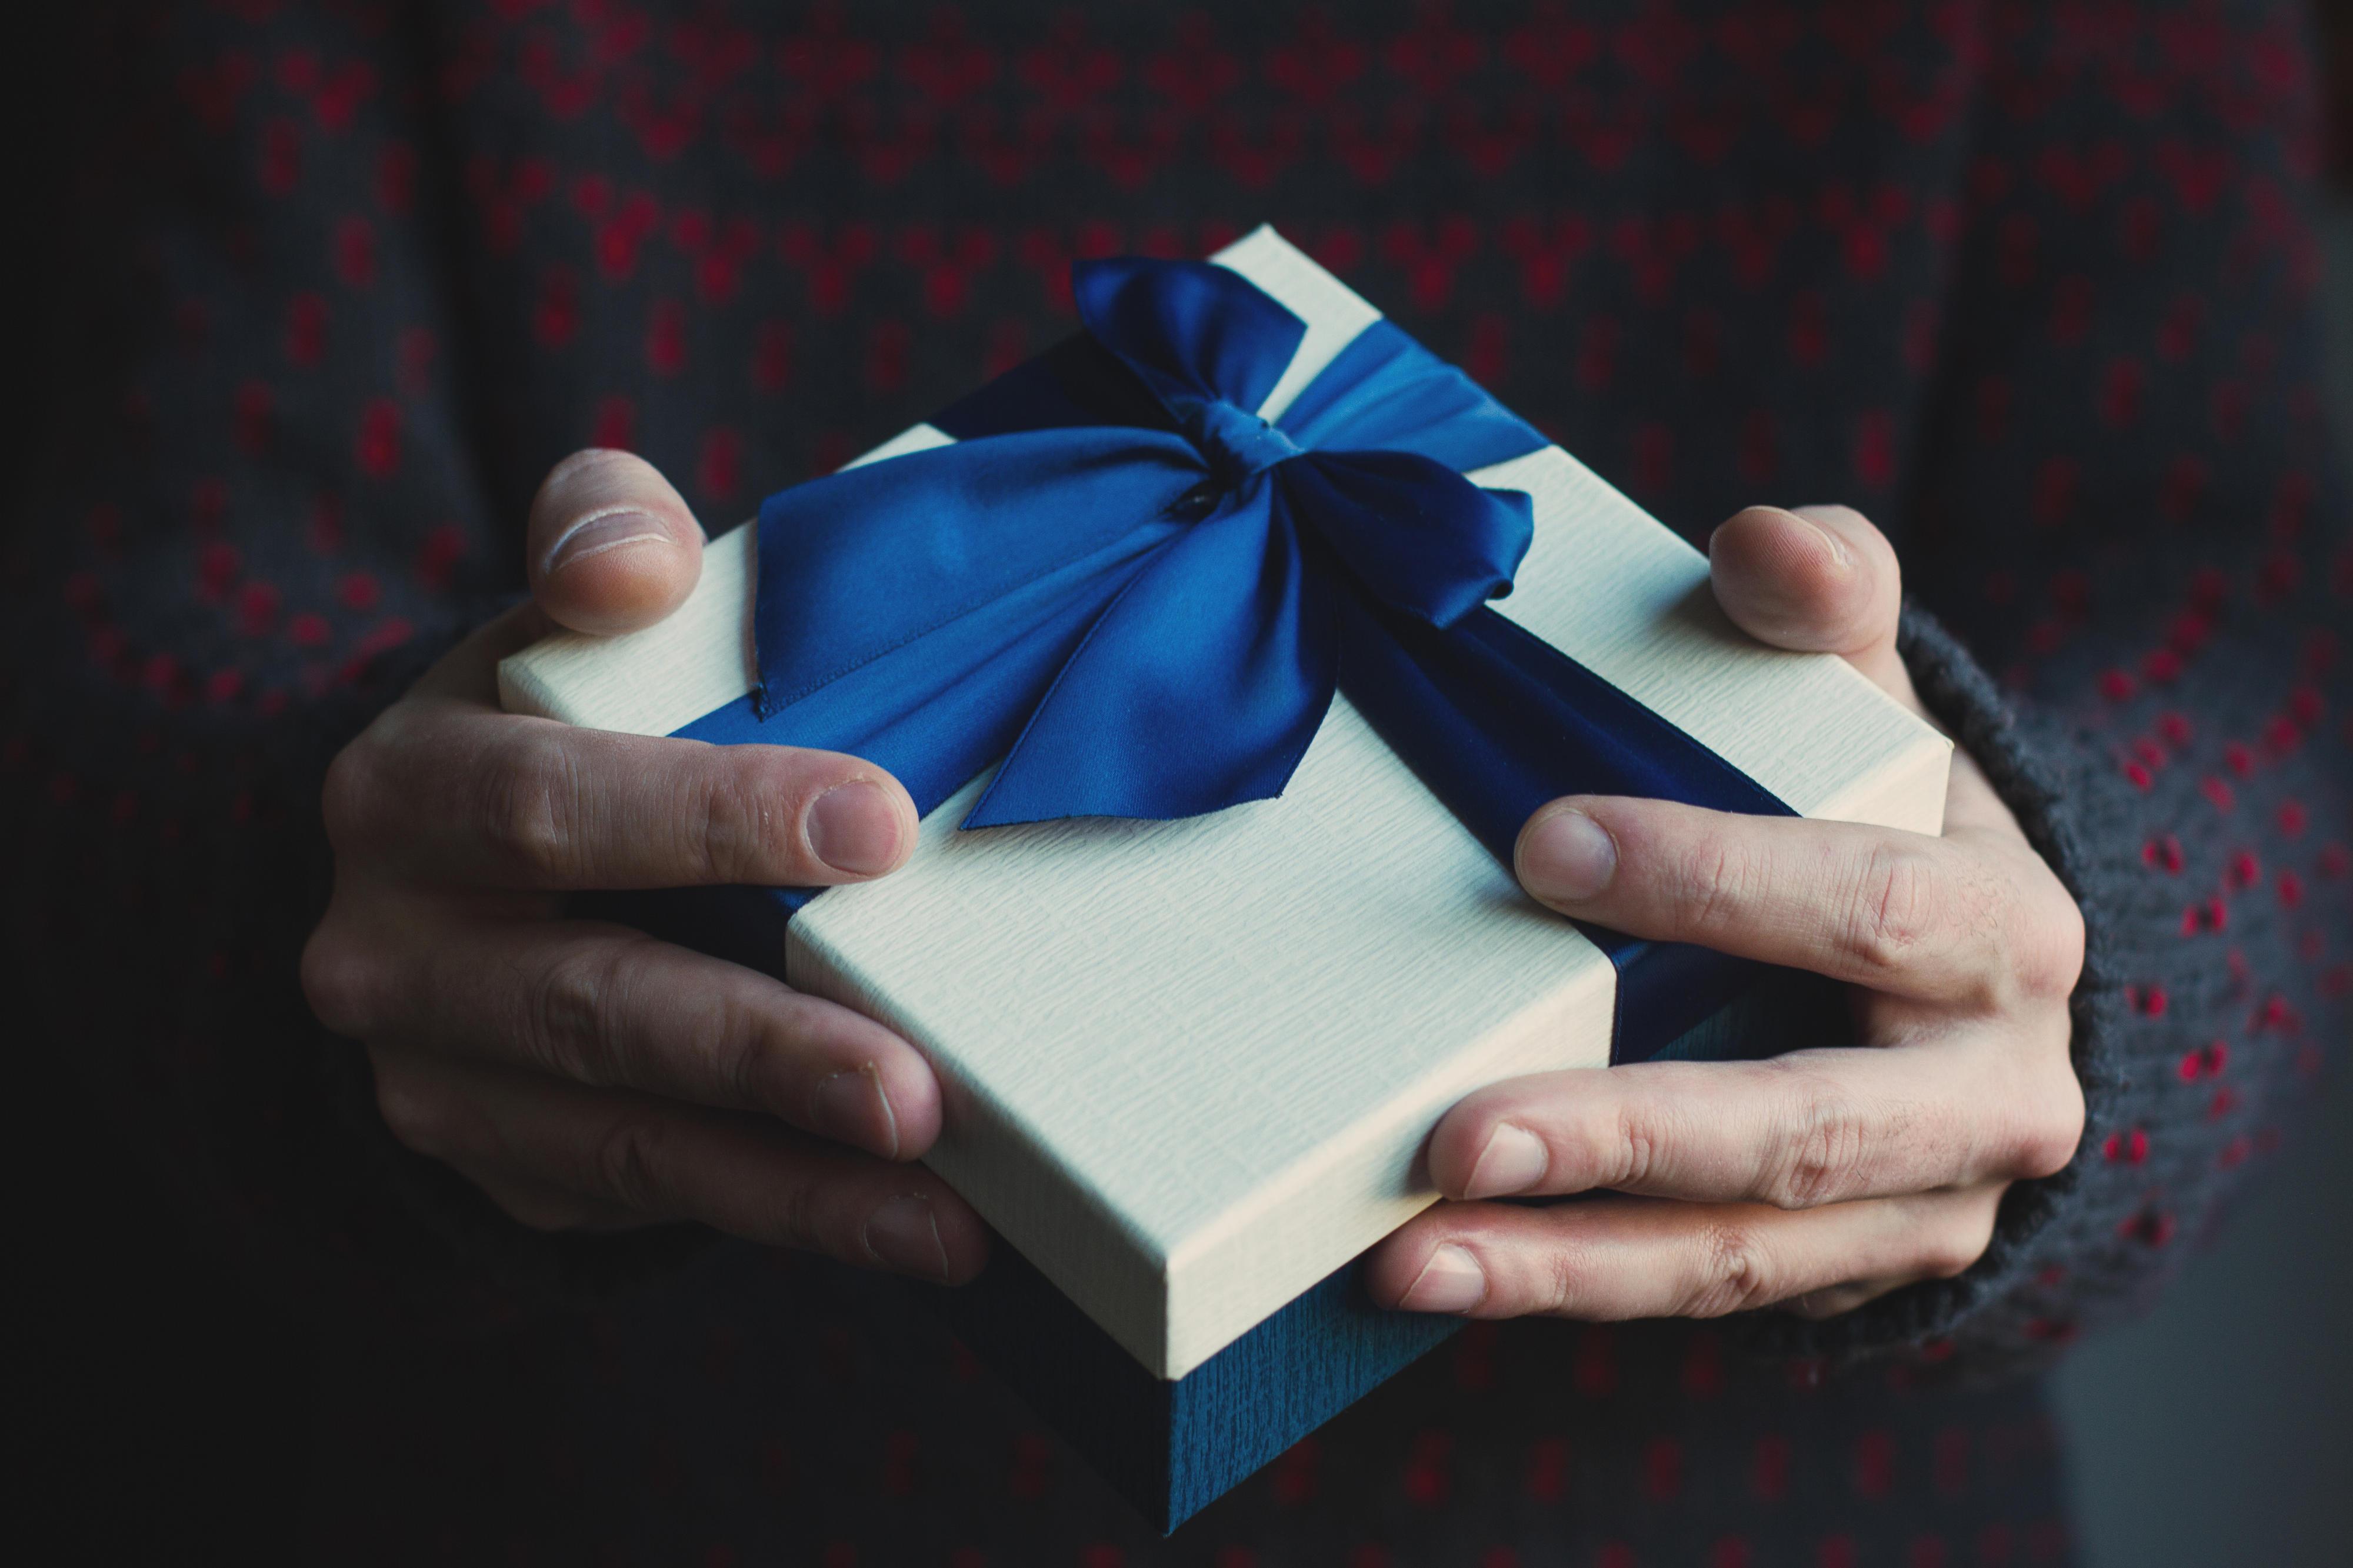 Weihnachtsgeschenk für Opa: Die besten Ideen! | BRIGITTE.de